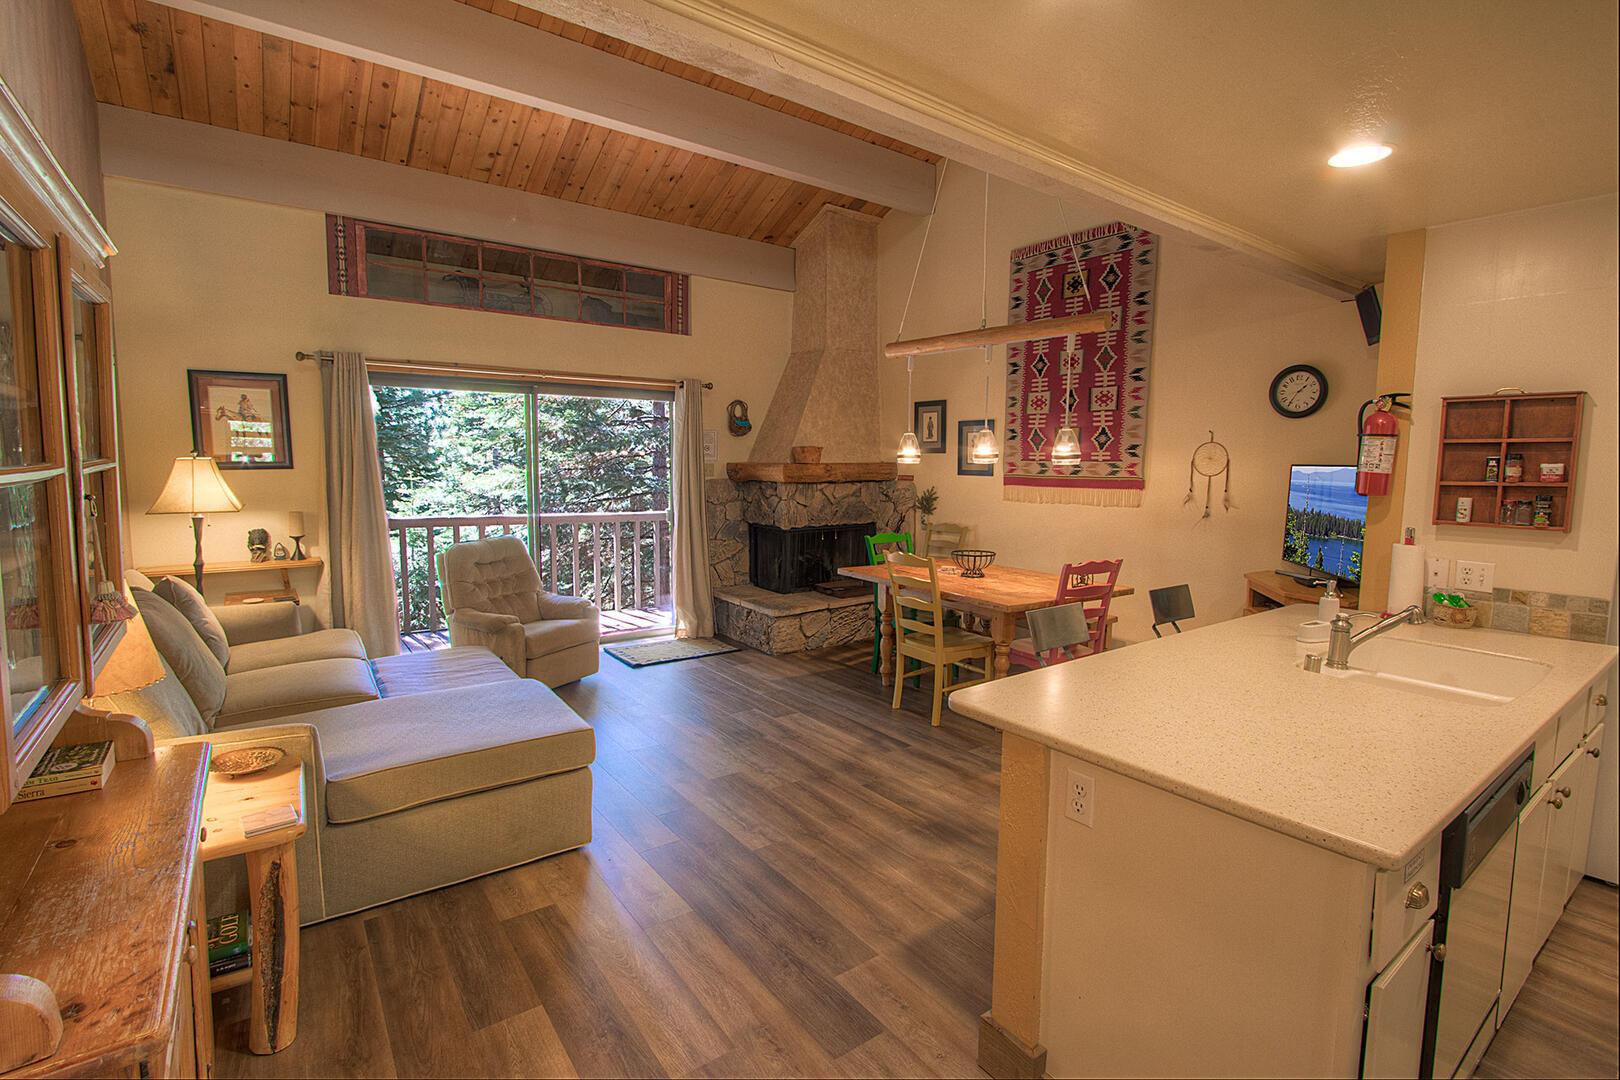 kwc0854 Lake Tahoe Vacation Rental